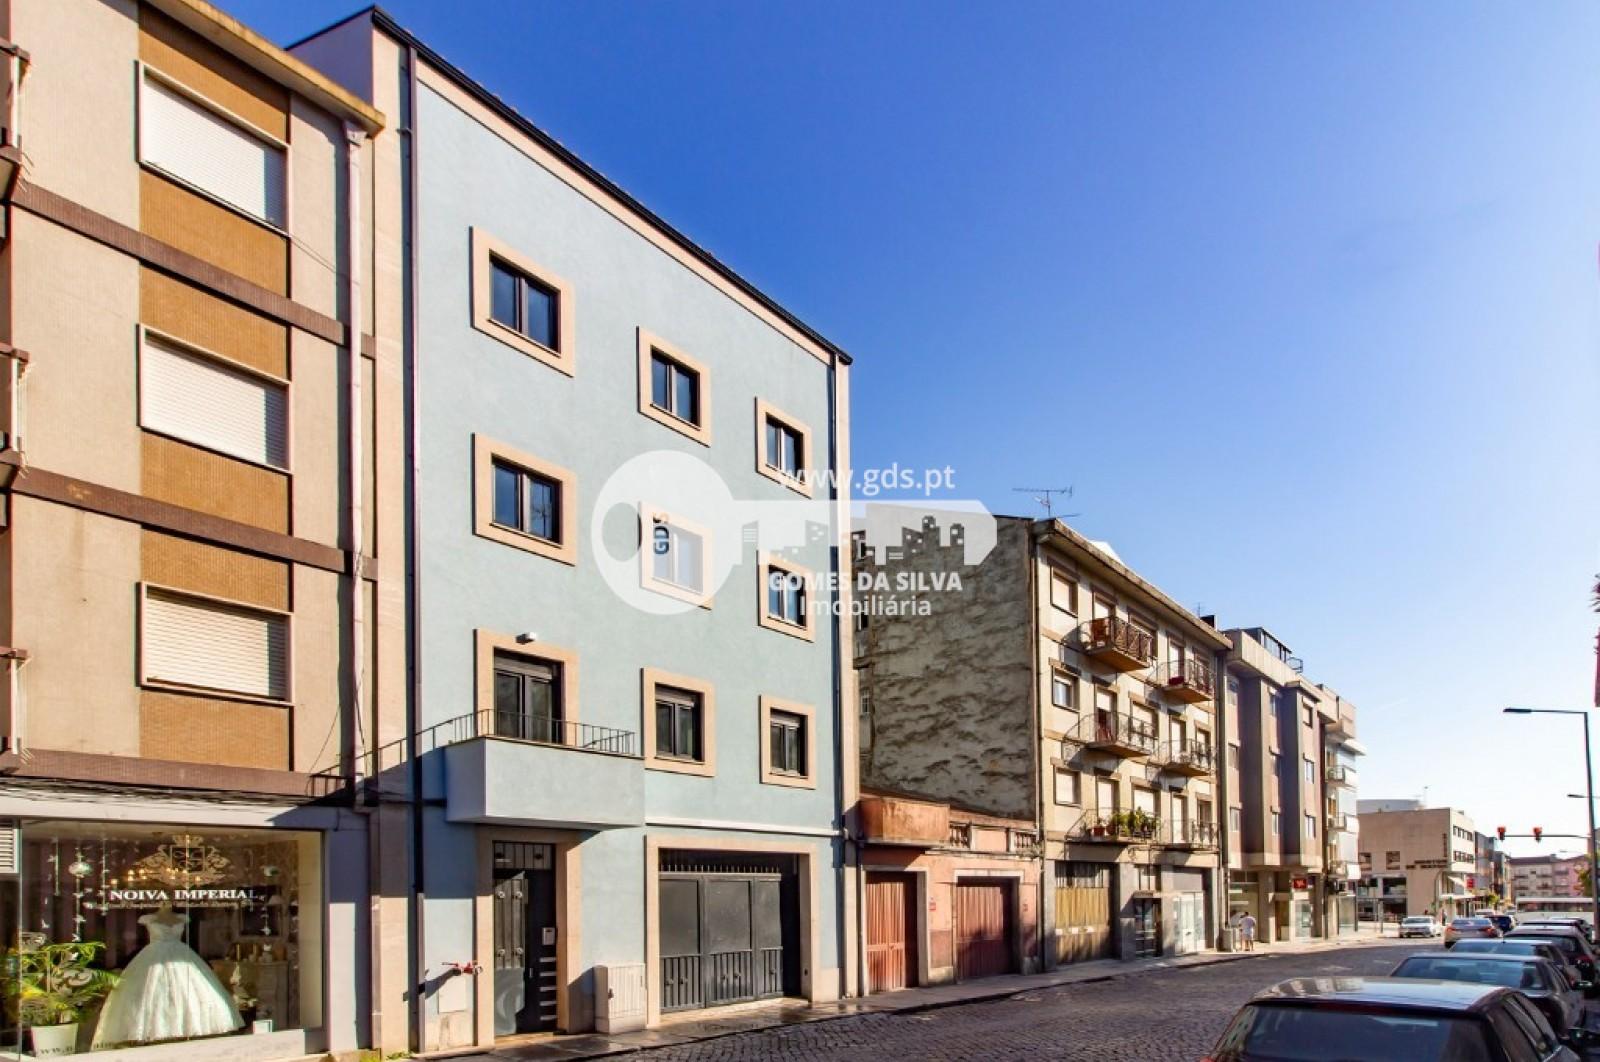 Apartamento T3 para Venda em São Vicente, Braga, Braga - Imagem 2